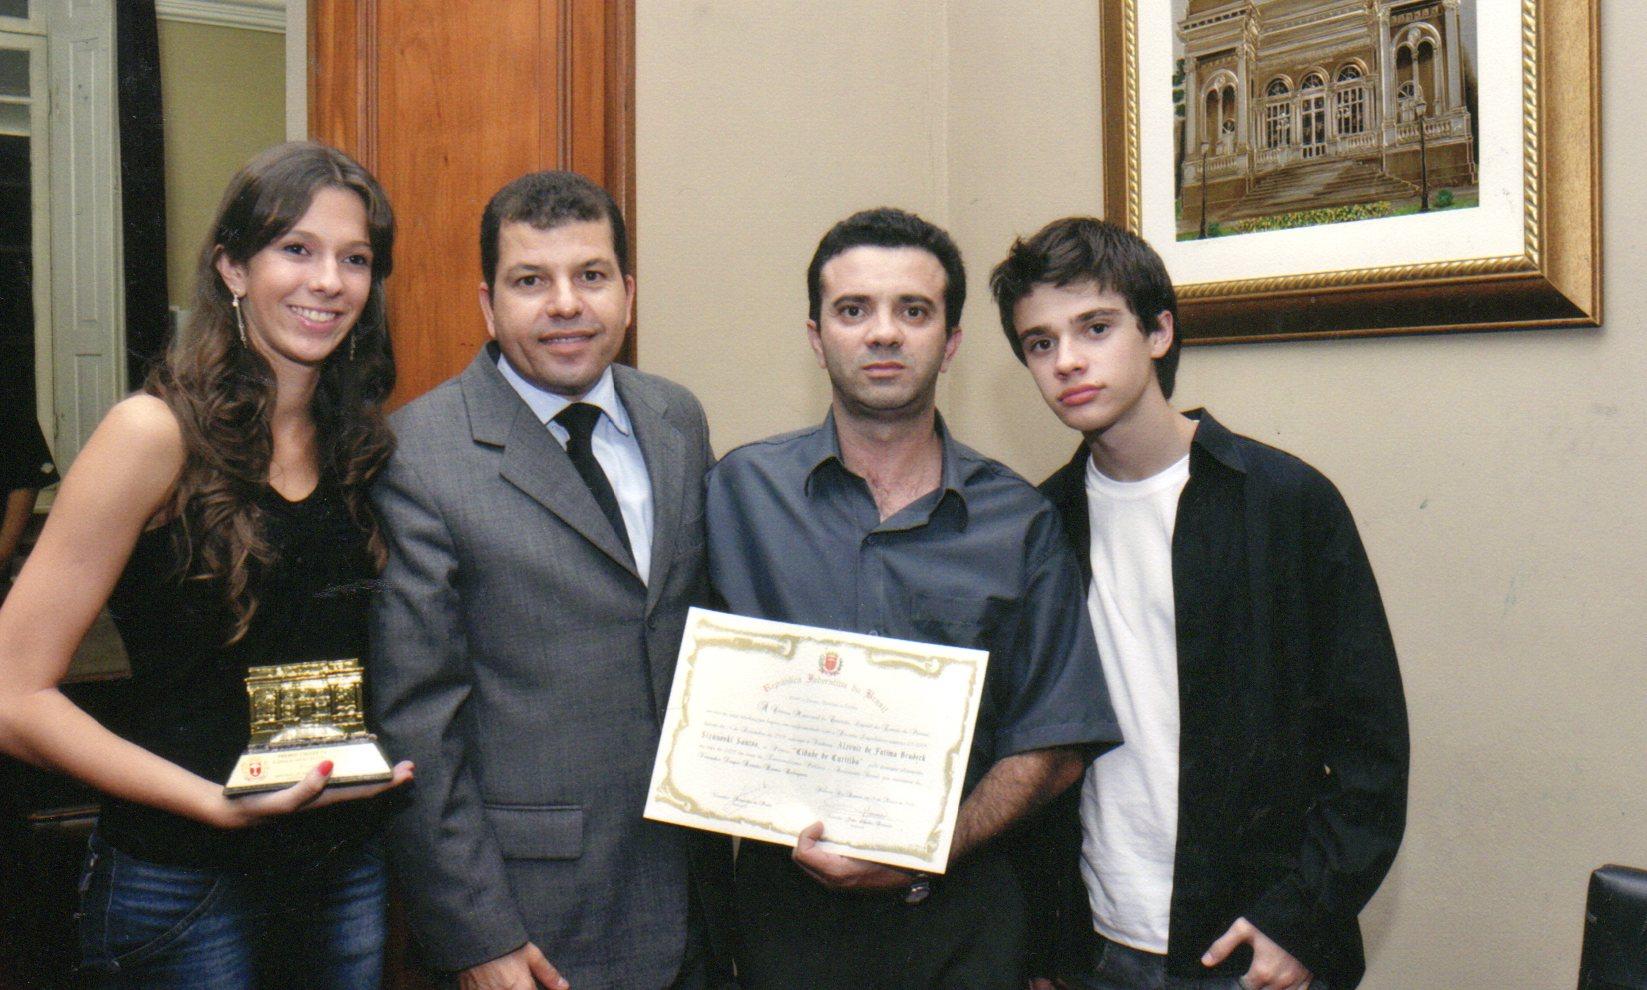 Entrega de Prêmios Cidade de Curitiba e Cultura e Divulgação - 29.03.2010.jpg